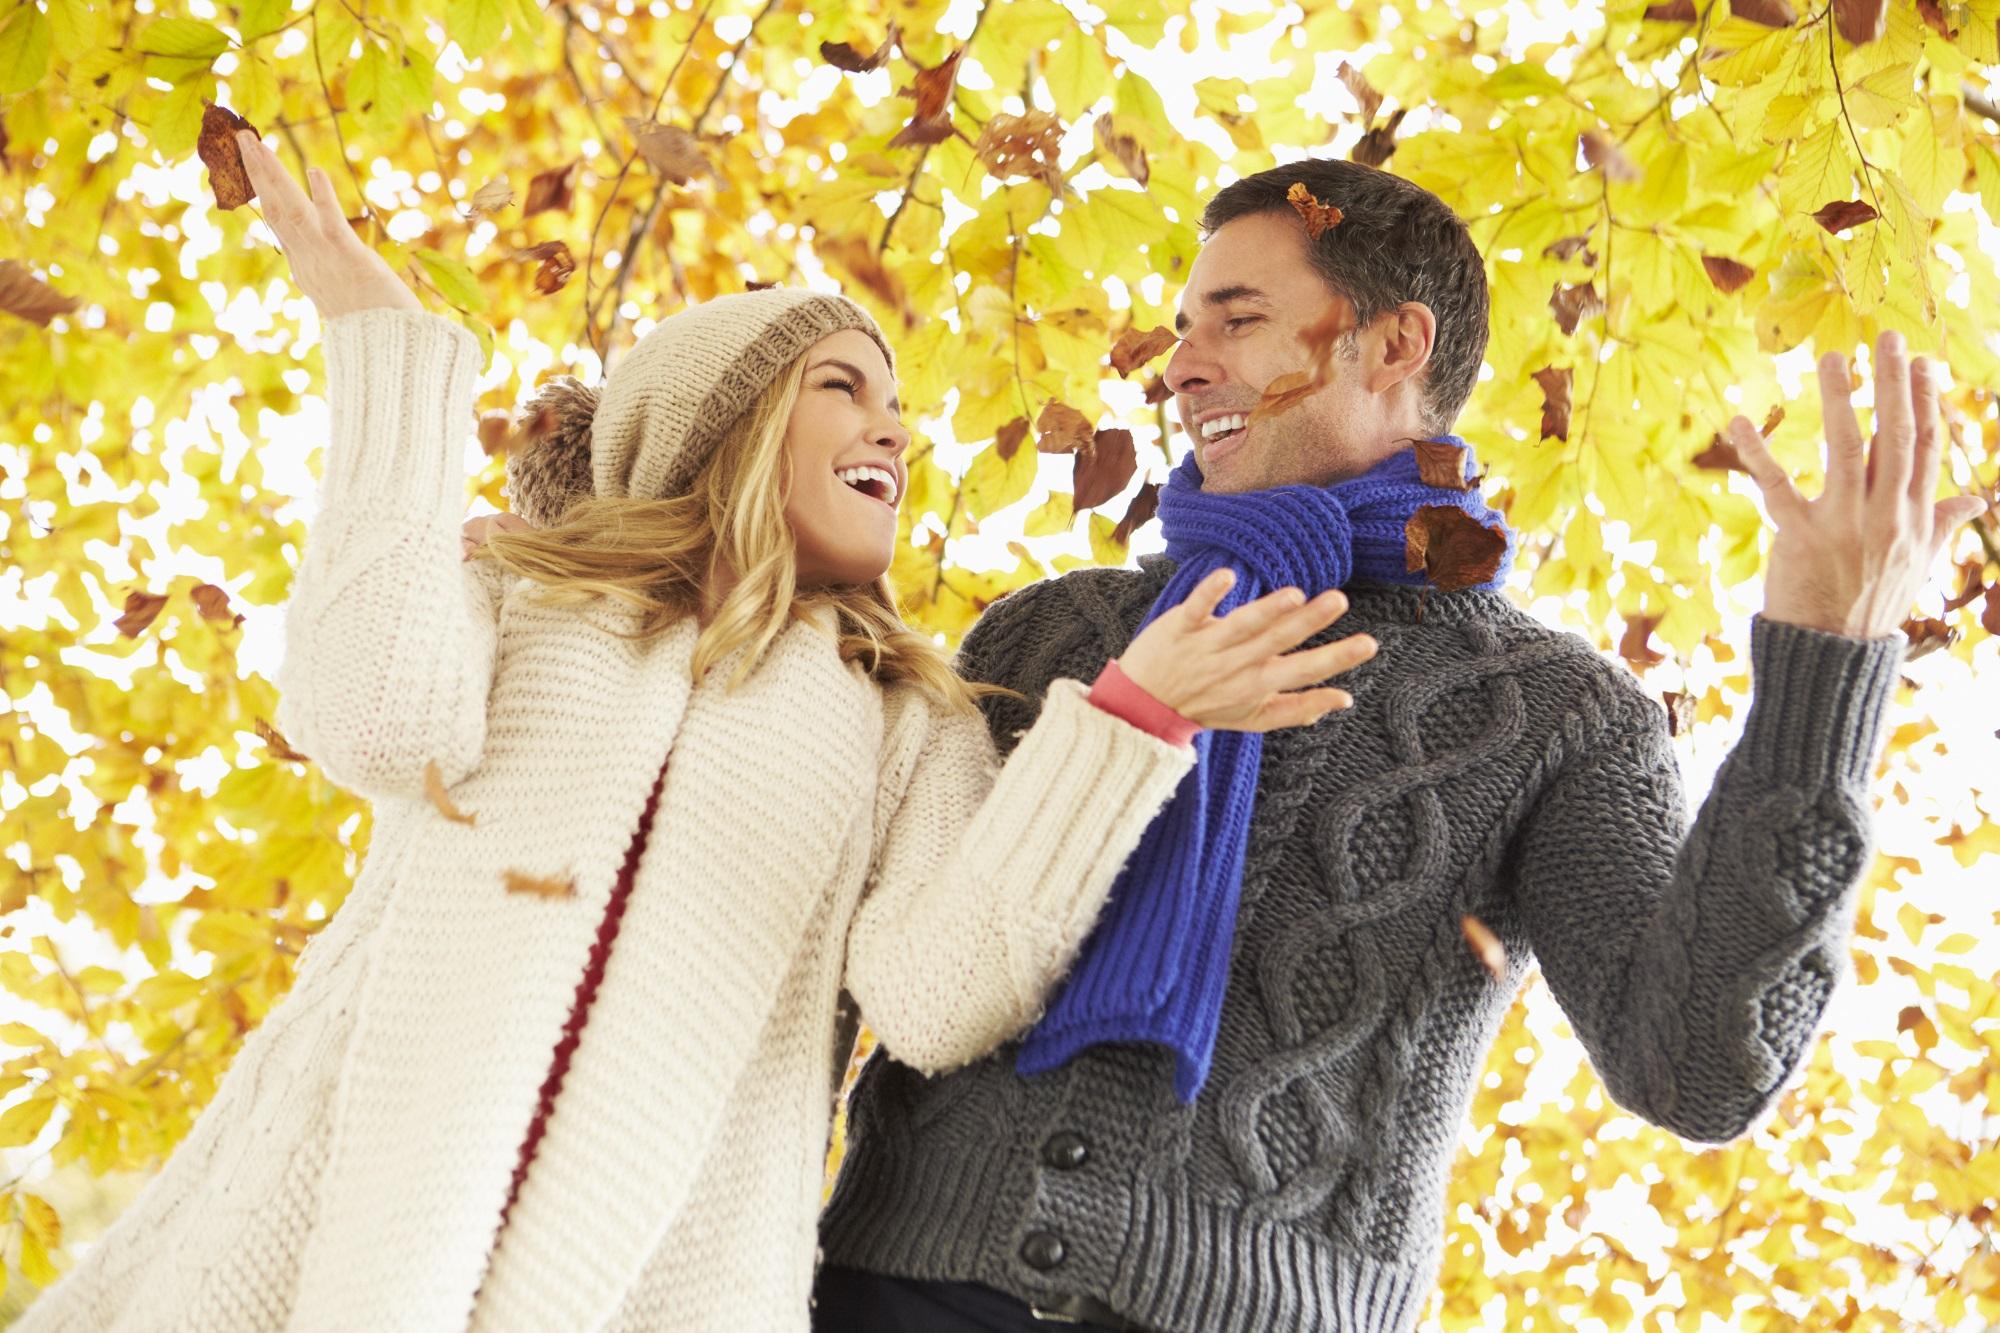 6f92f82fce89a 婚活パーティやお見合いでお互いの相性が合ったら、次はいよいよ初デート。恋愛経験の少ない男性の中には「どうしたらうまく行くんだろう…!」と密かにドキドキして  ...